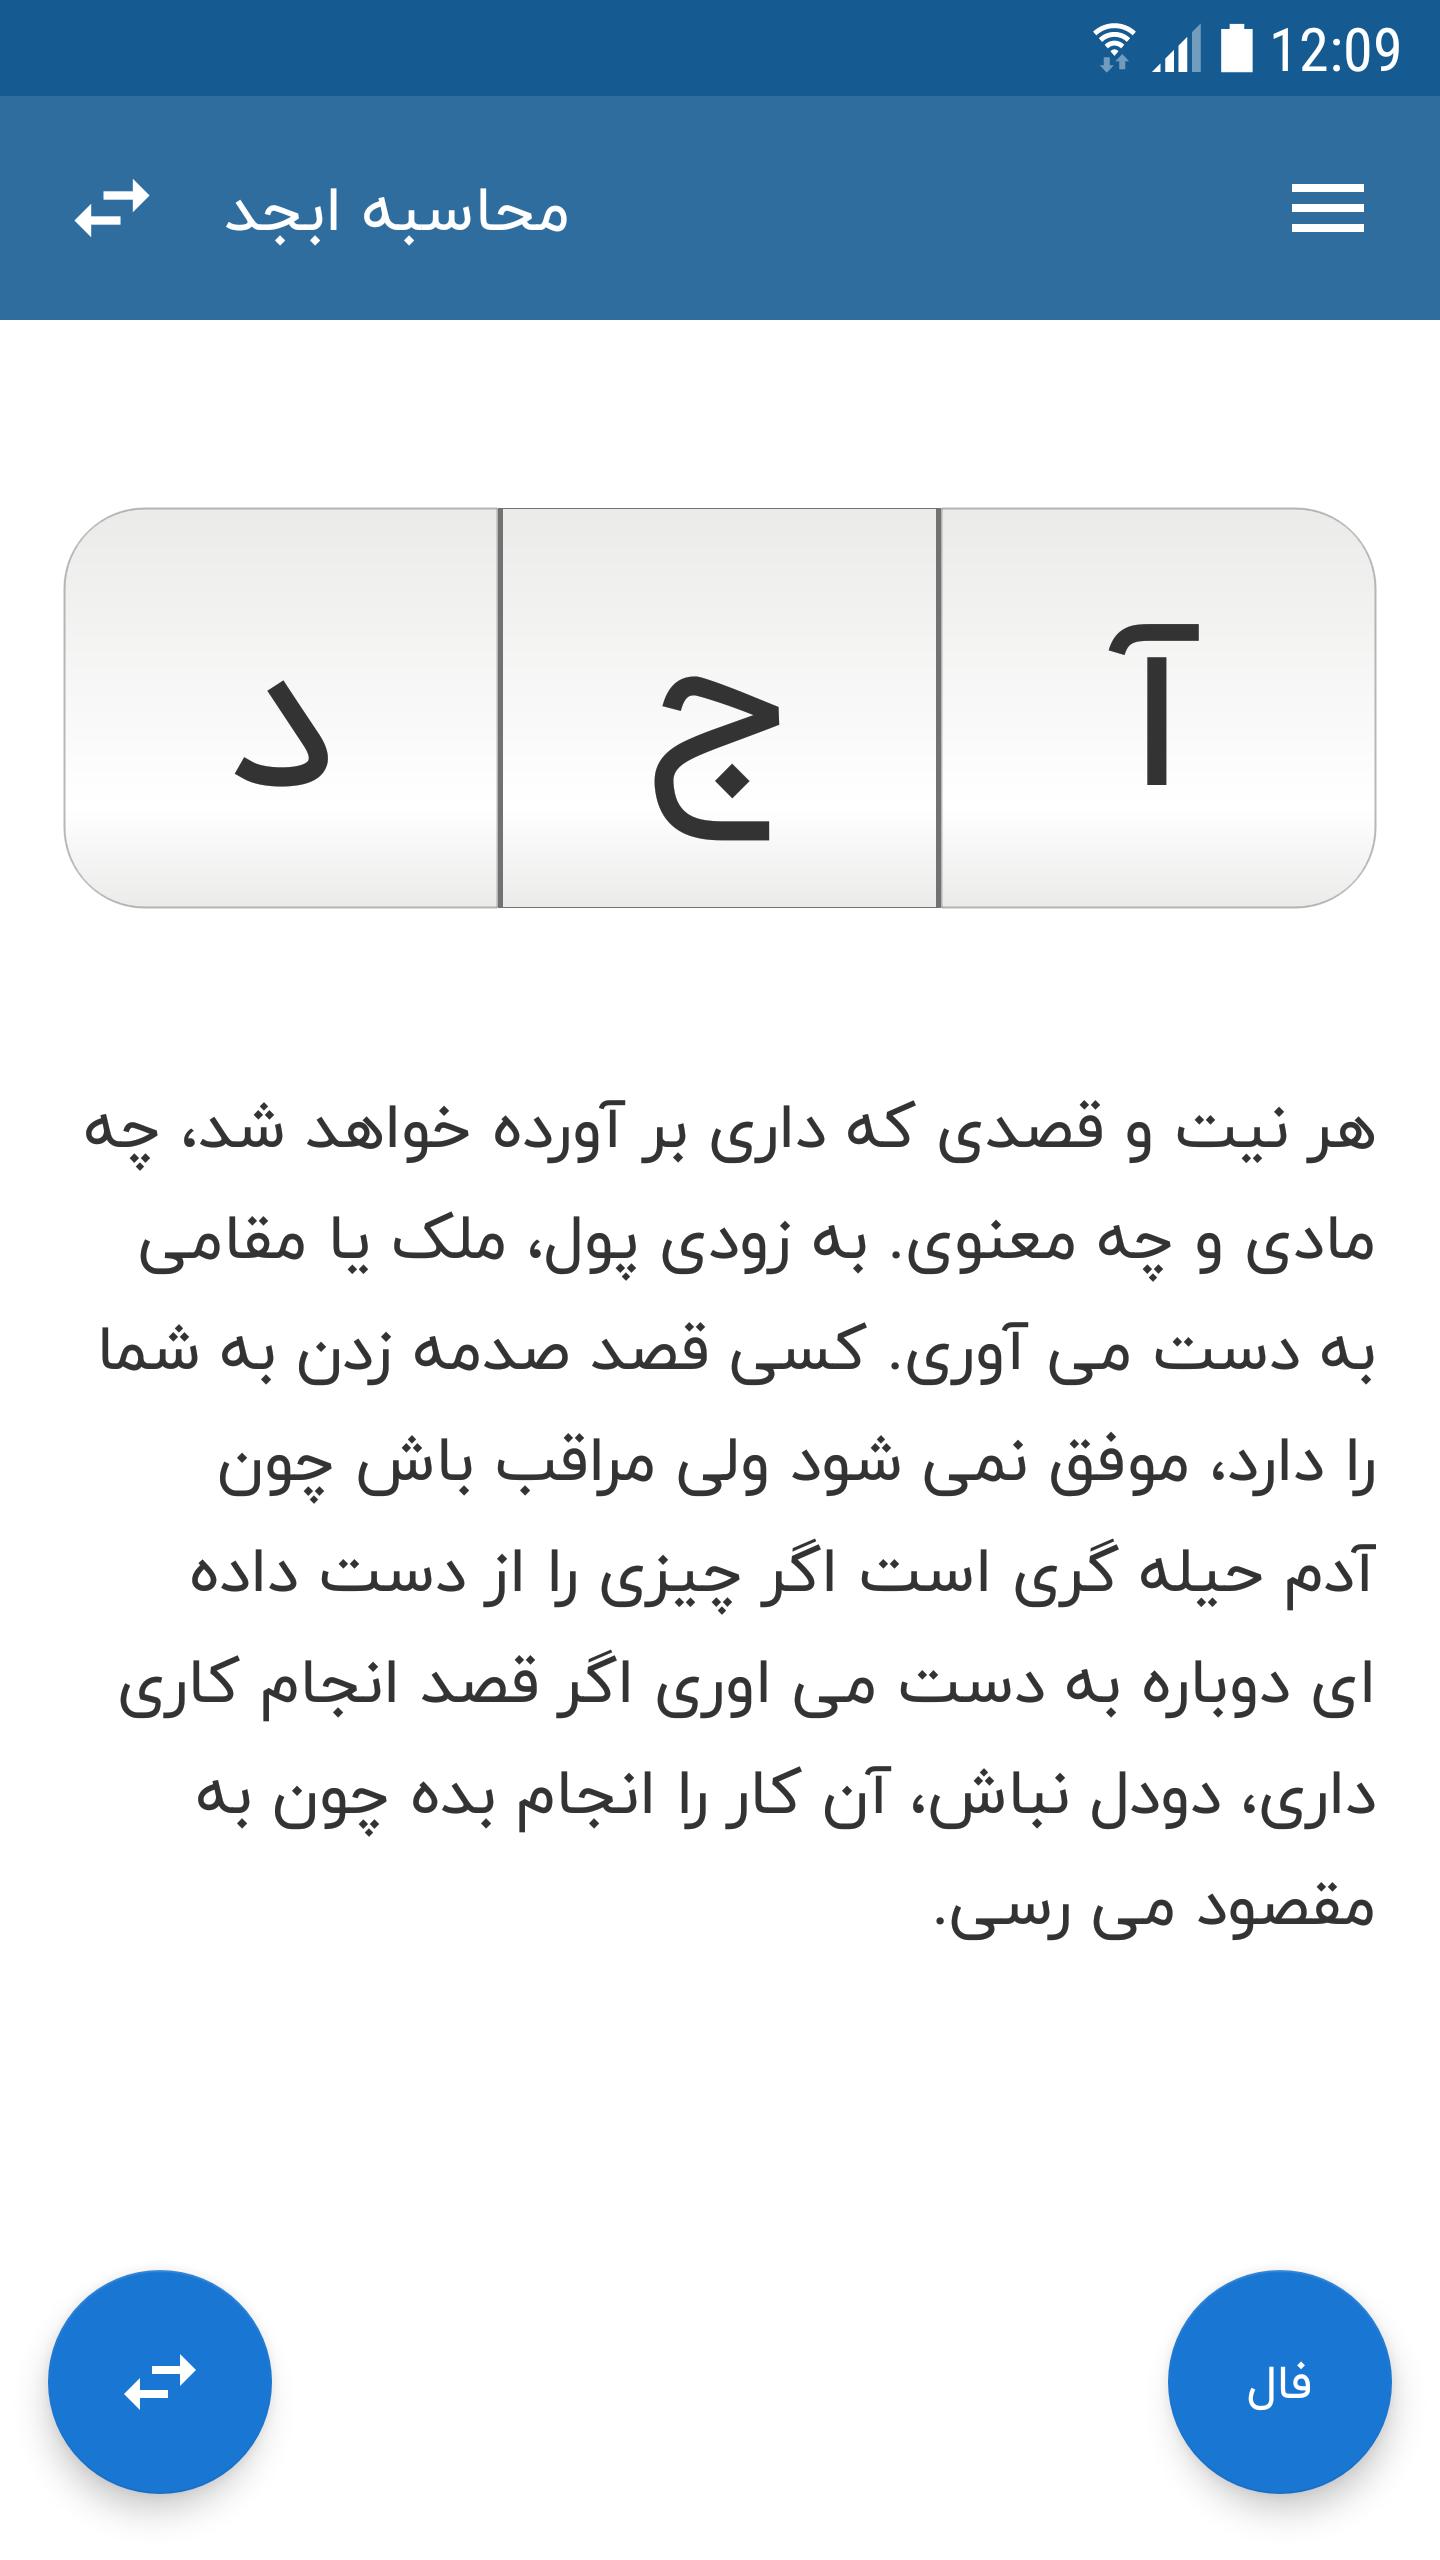 تصویر 4 فال ابجد + محاسبه ابجد